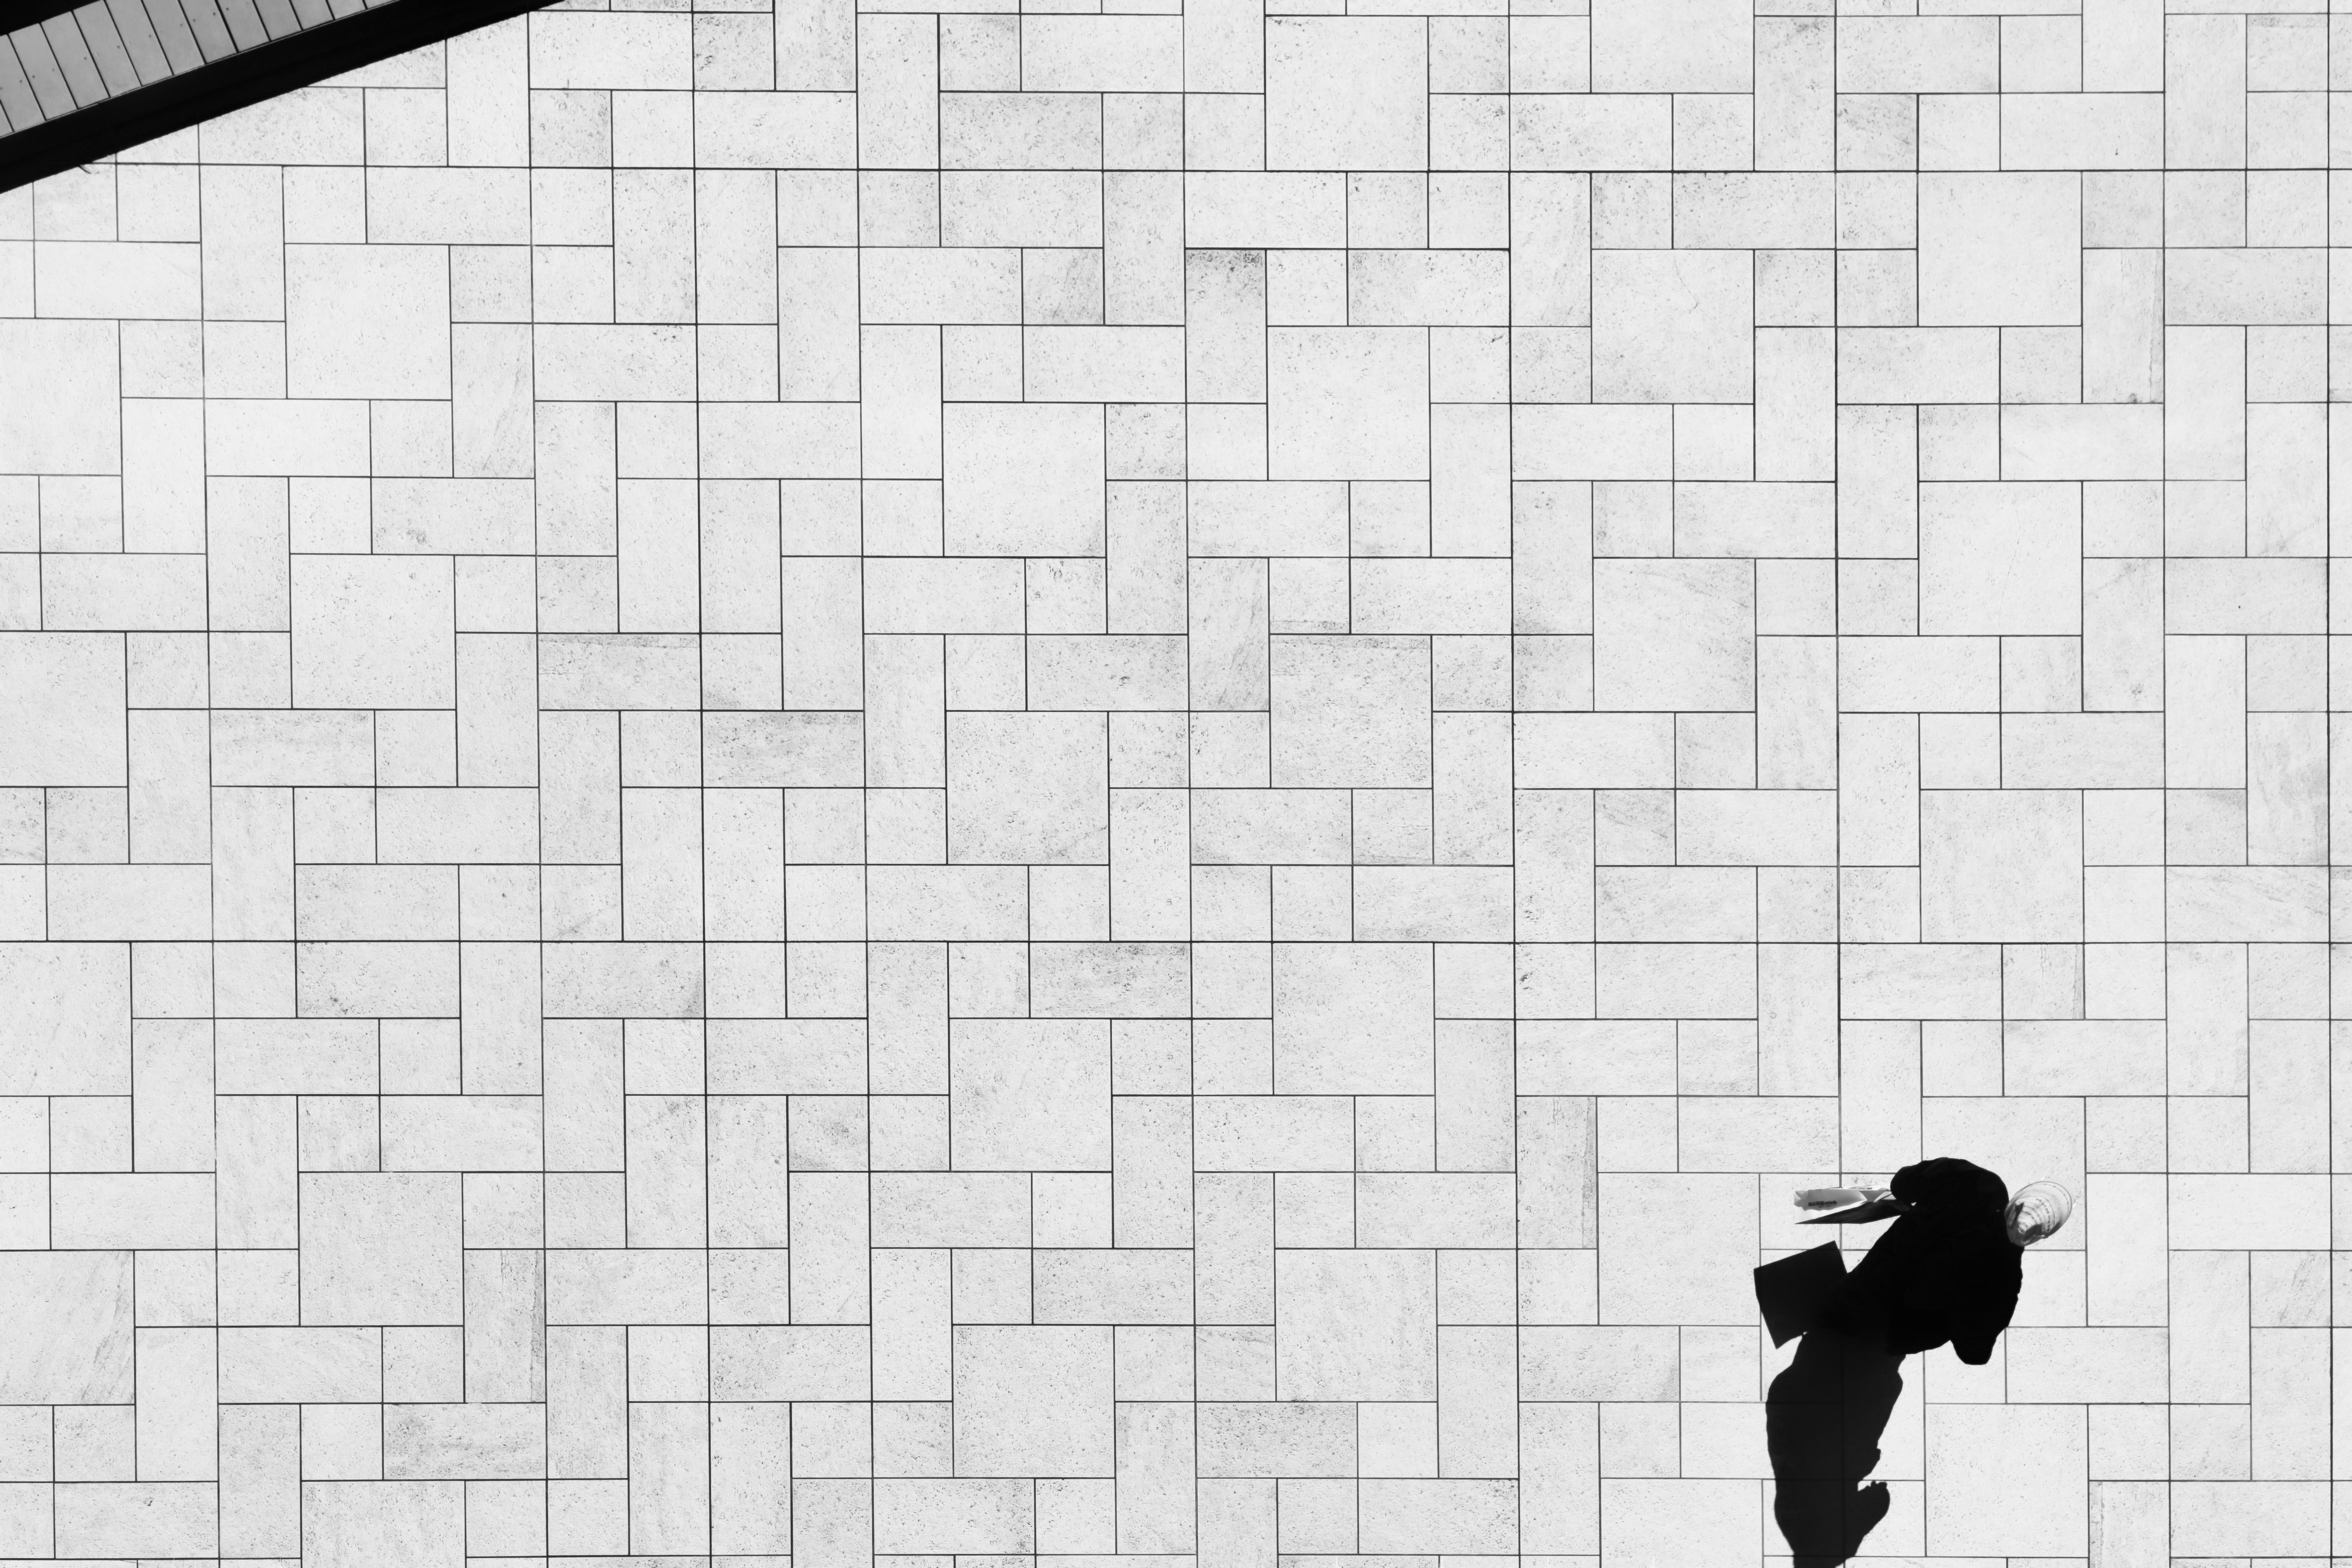 Wallpaper drawing monochrome street minimalism wall for Minimal art wall